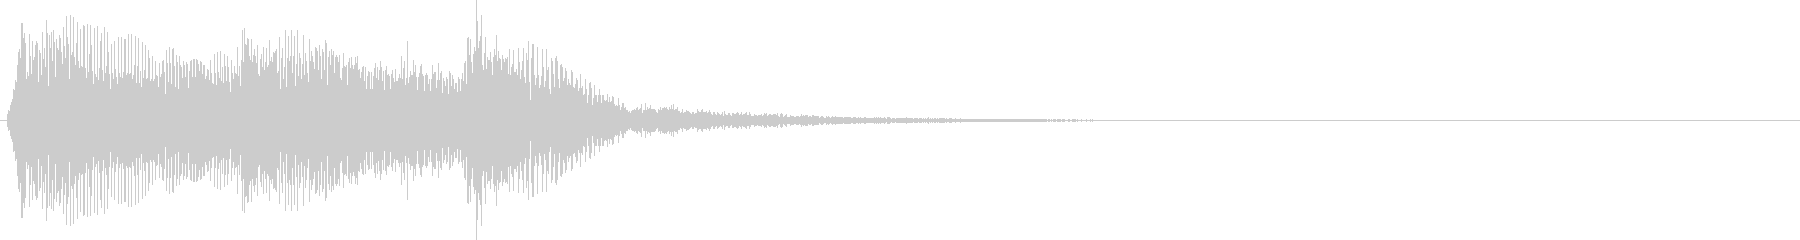 アイドルをイメージしたジングル 2小節Bの未再生の波形